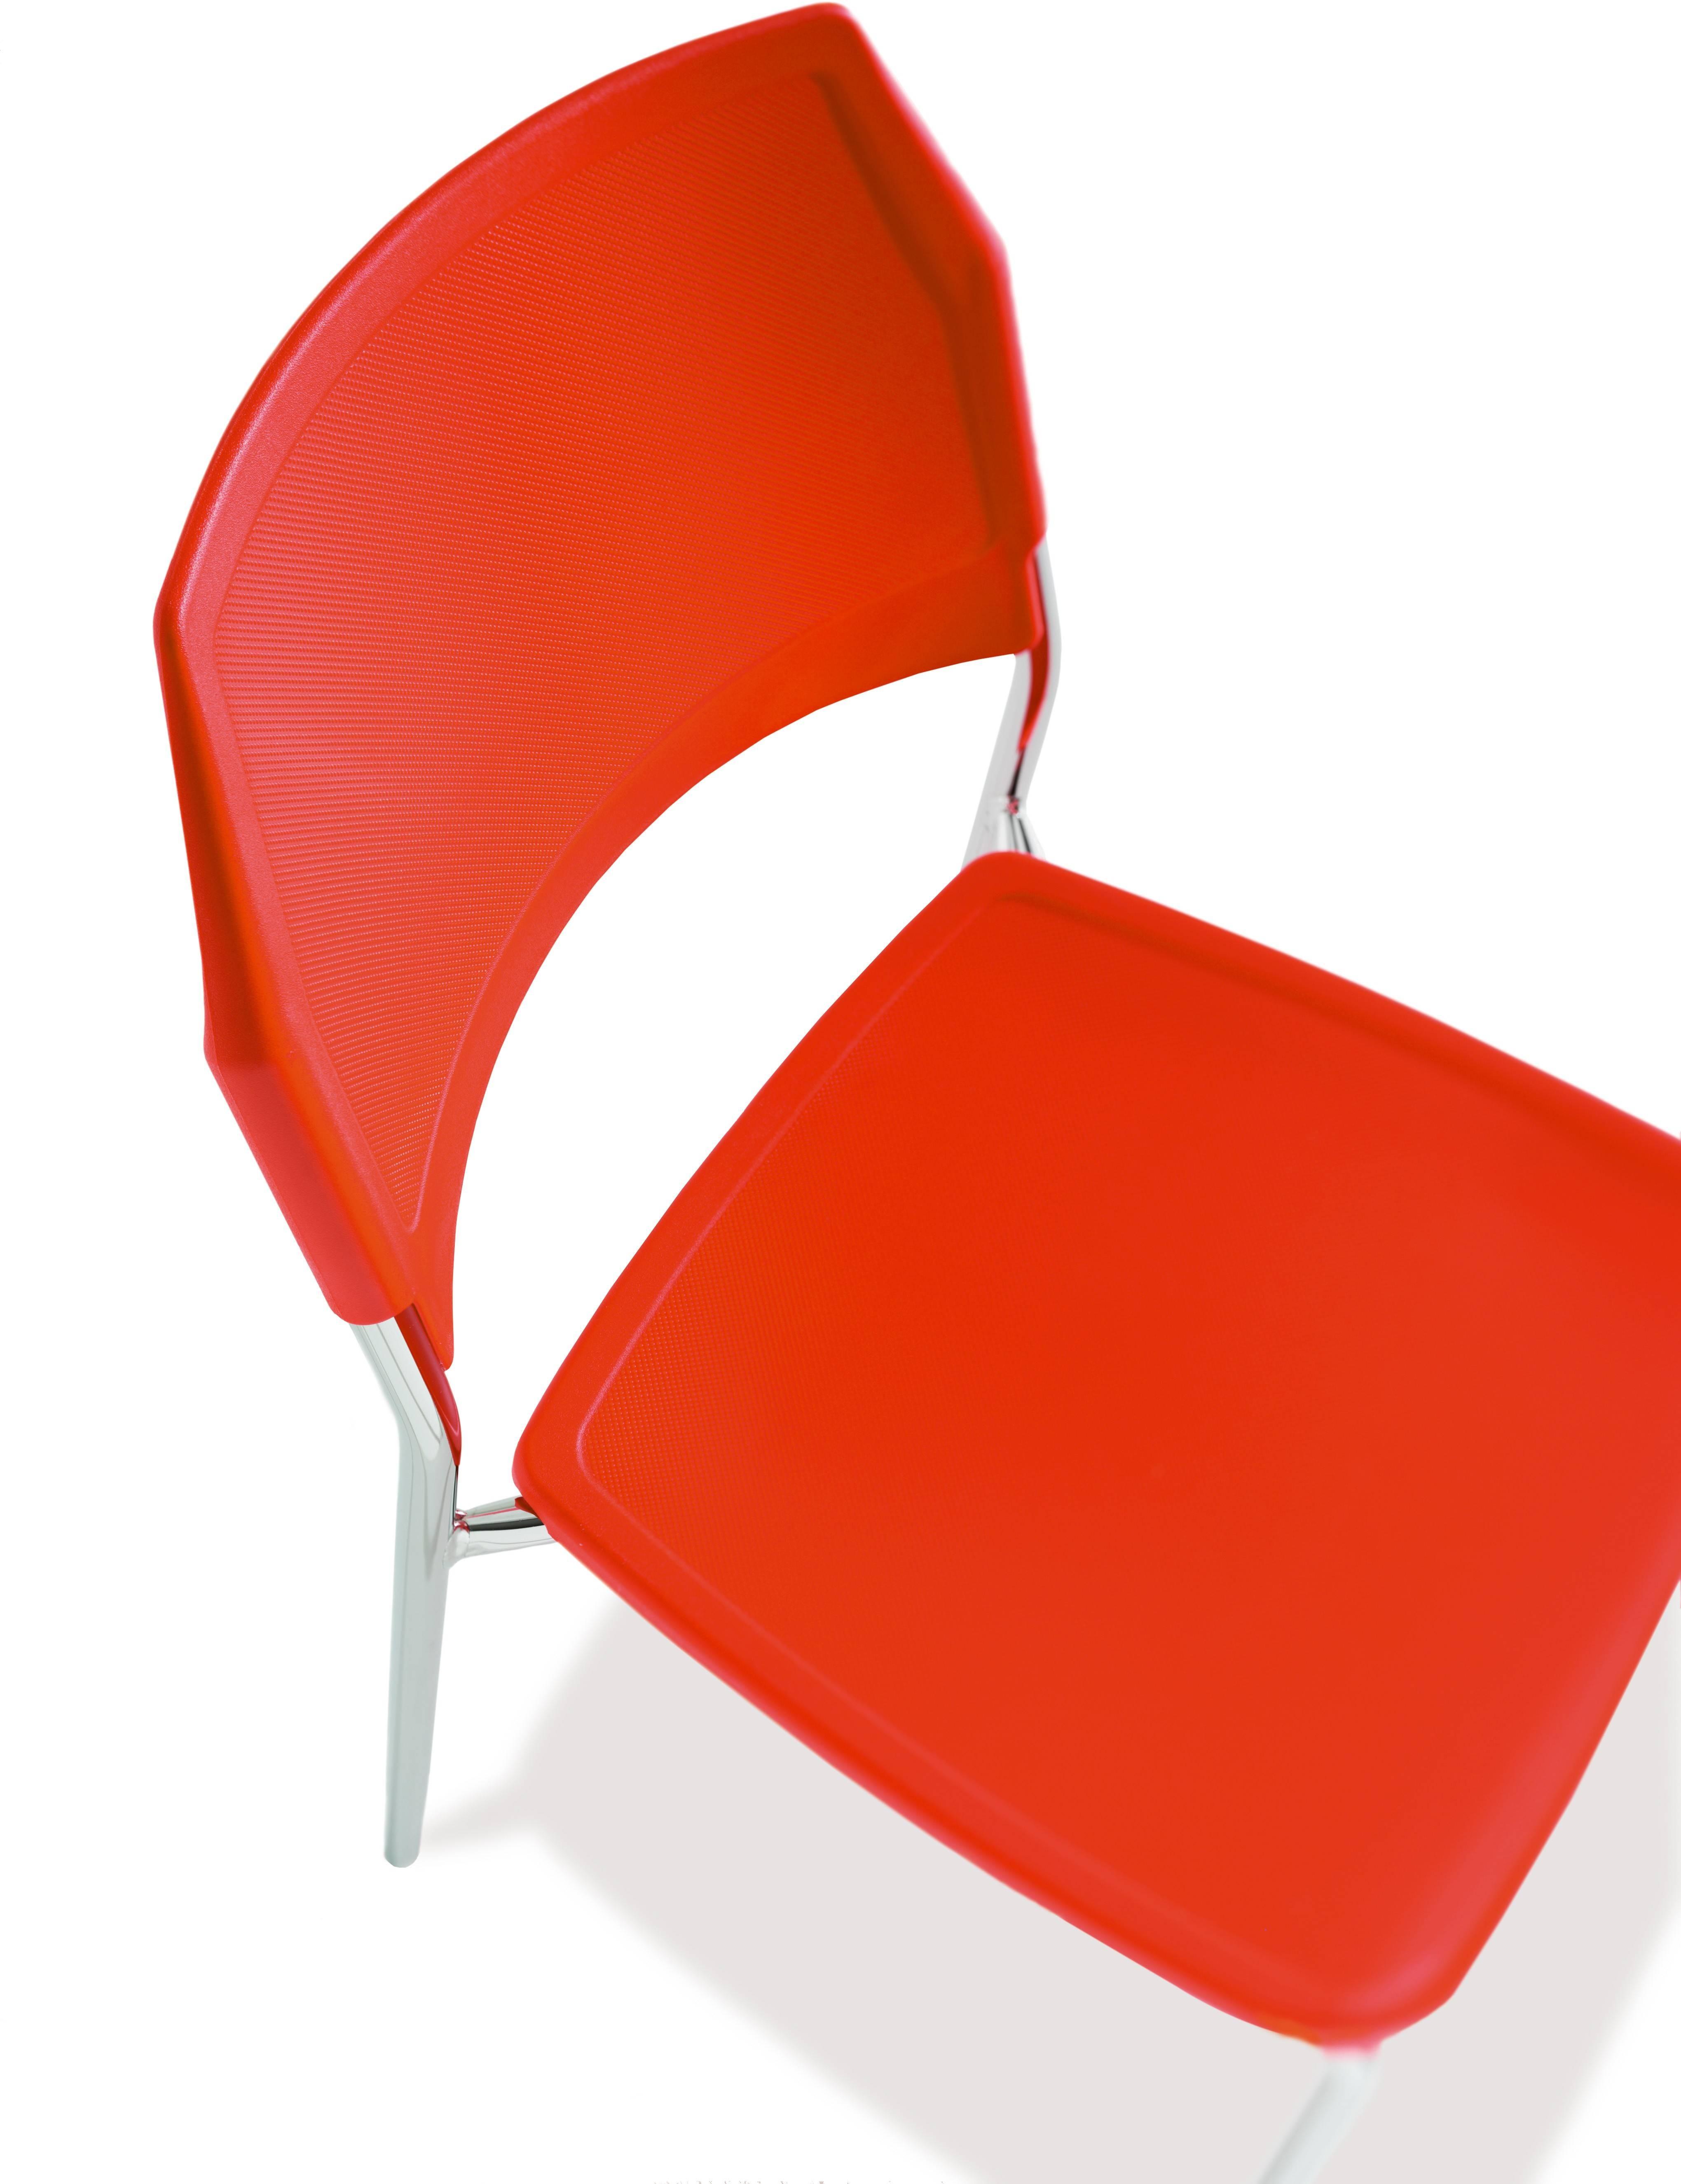 set-4-sedie-granada-in-plastica-rossa-con-struttura-in-metallo-finitura-alluminio-made-in-italy.jpg